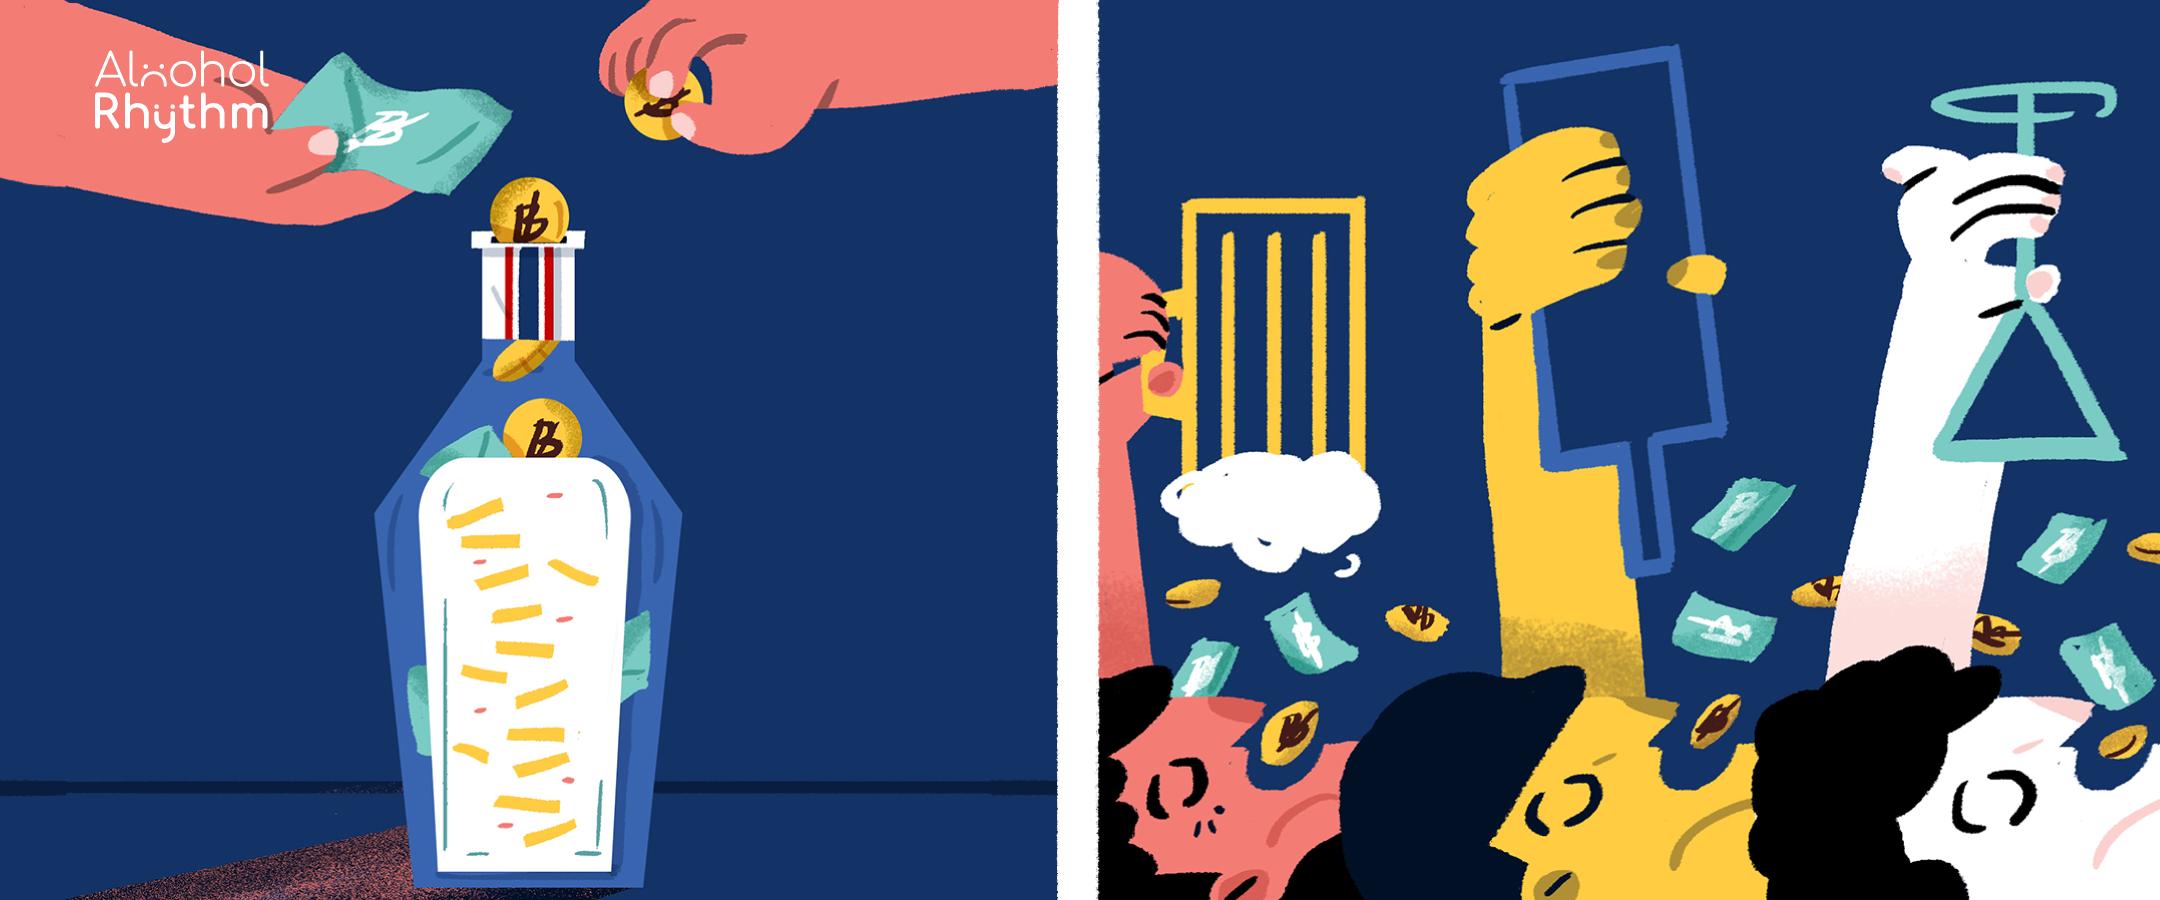 เหล้ากับเรา : เพราะการดื่ม 'เหล้า' ทำให้ 'เรา' ต้องจ่ายมากกว่าที่คิด